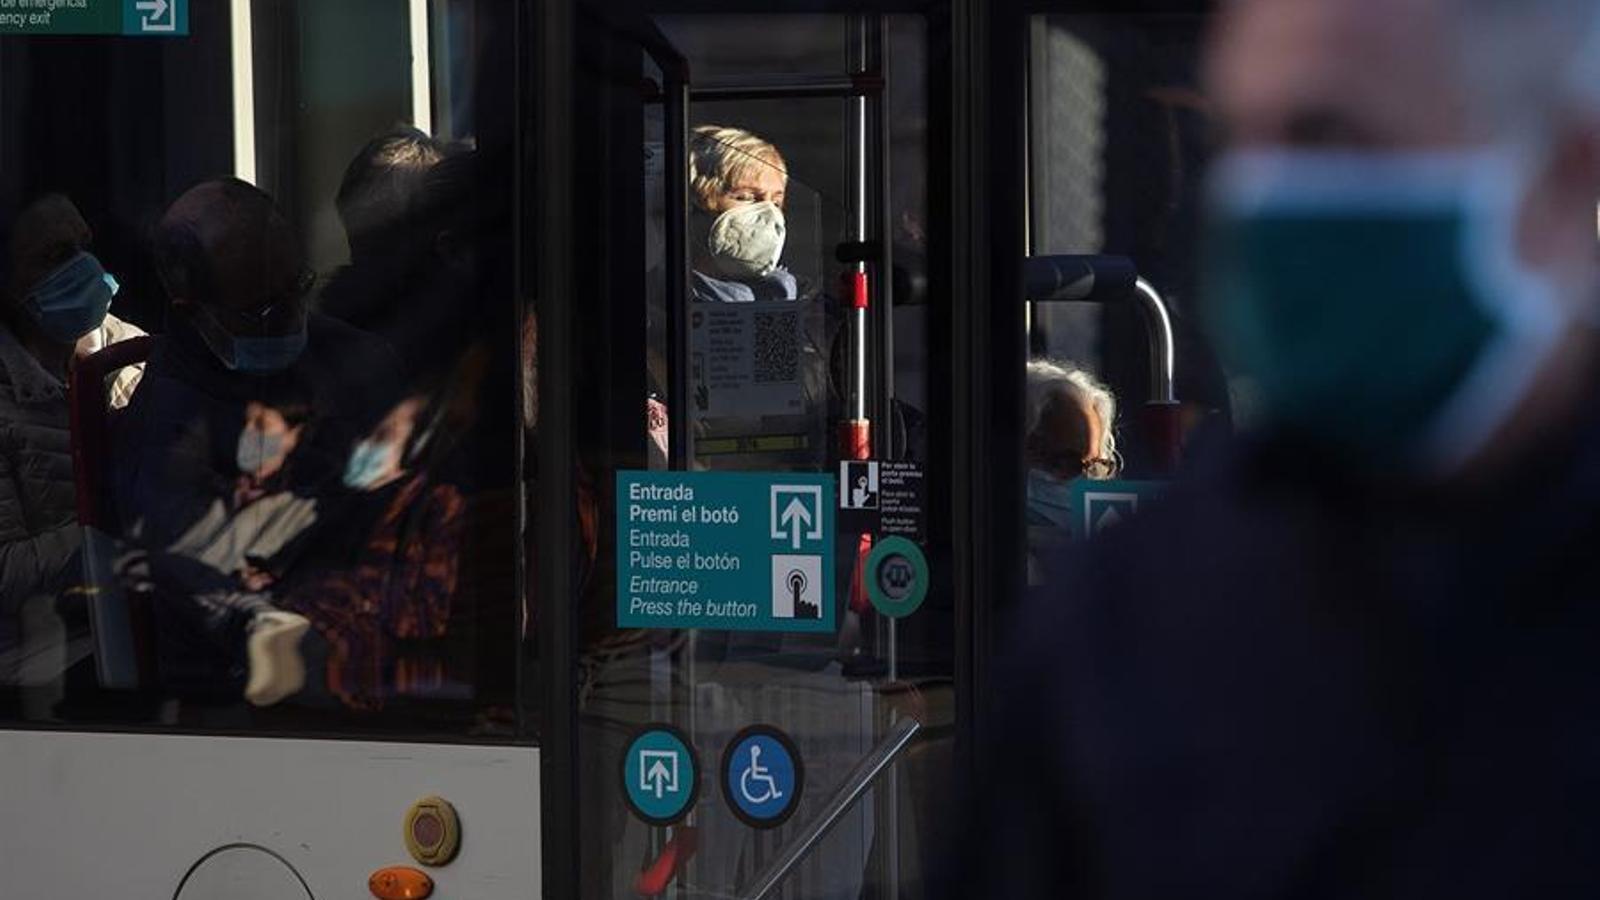 Diverses persones dins d'un autobús, aquest dimecres a Barcelona